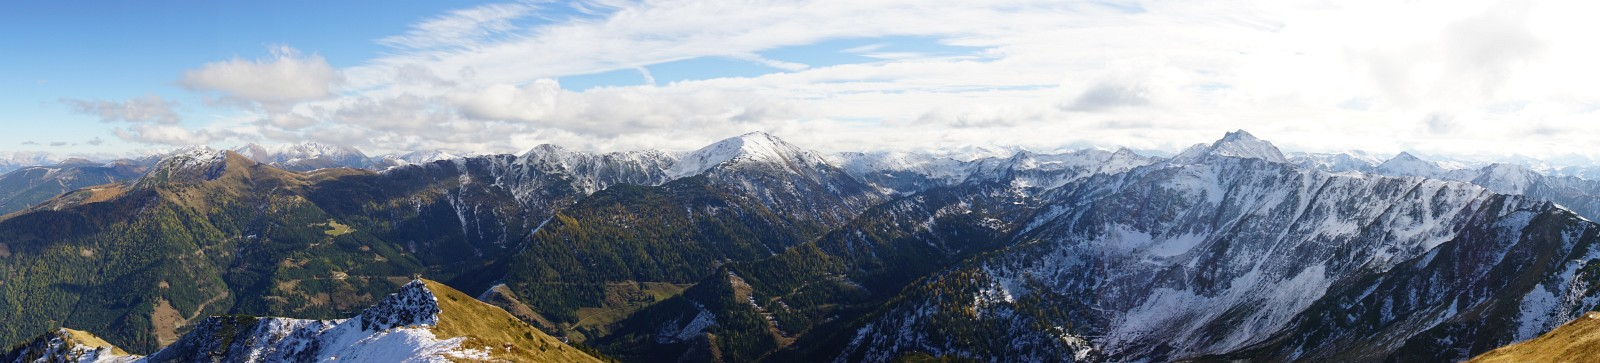 Winterlicher sieht es in den südlicheren Gipfel der Rottenmanner und Wölzer Tauern aus